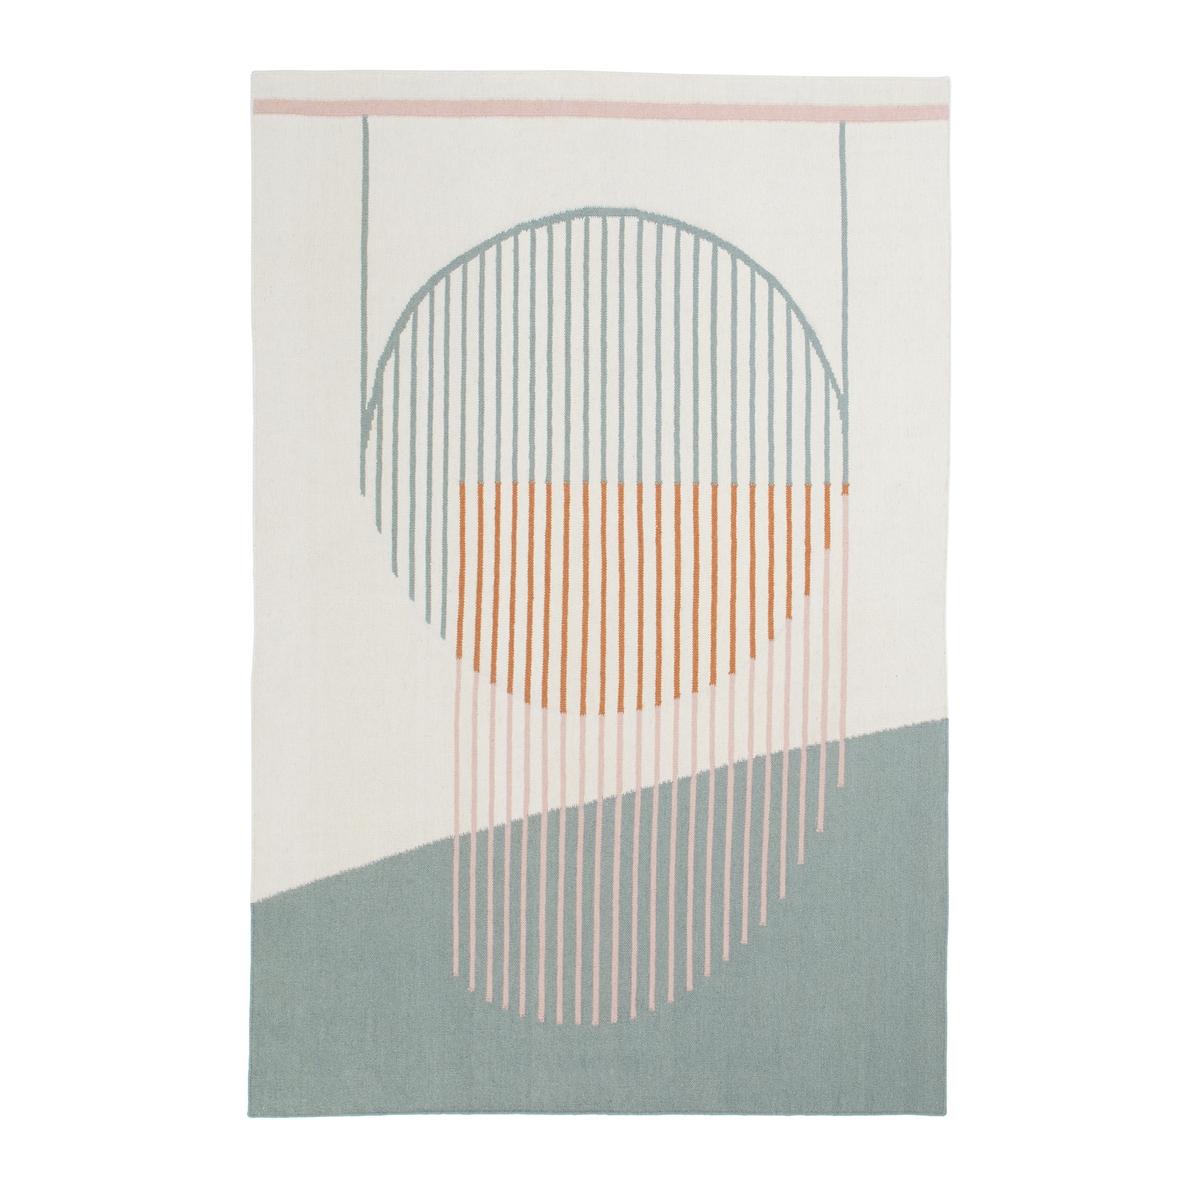 цена Ковер La Redoute Из хлопка и шерсти SONGE 120 x 170 см разноцветный онлайн в 2017 году